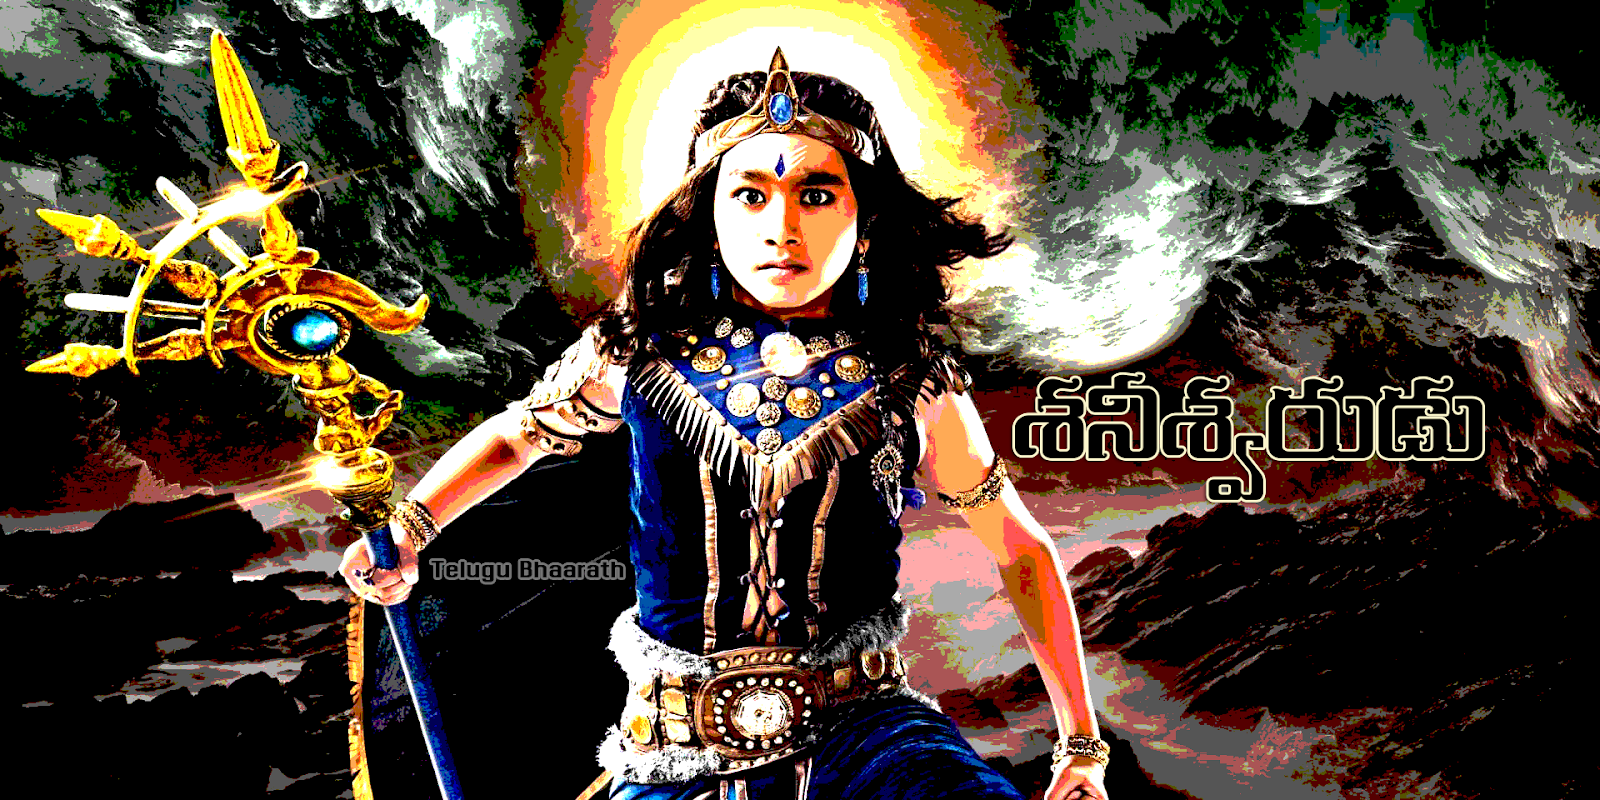 శని త్రయోదశి - Shani Thrayodashi